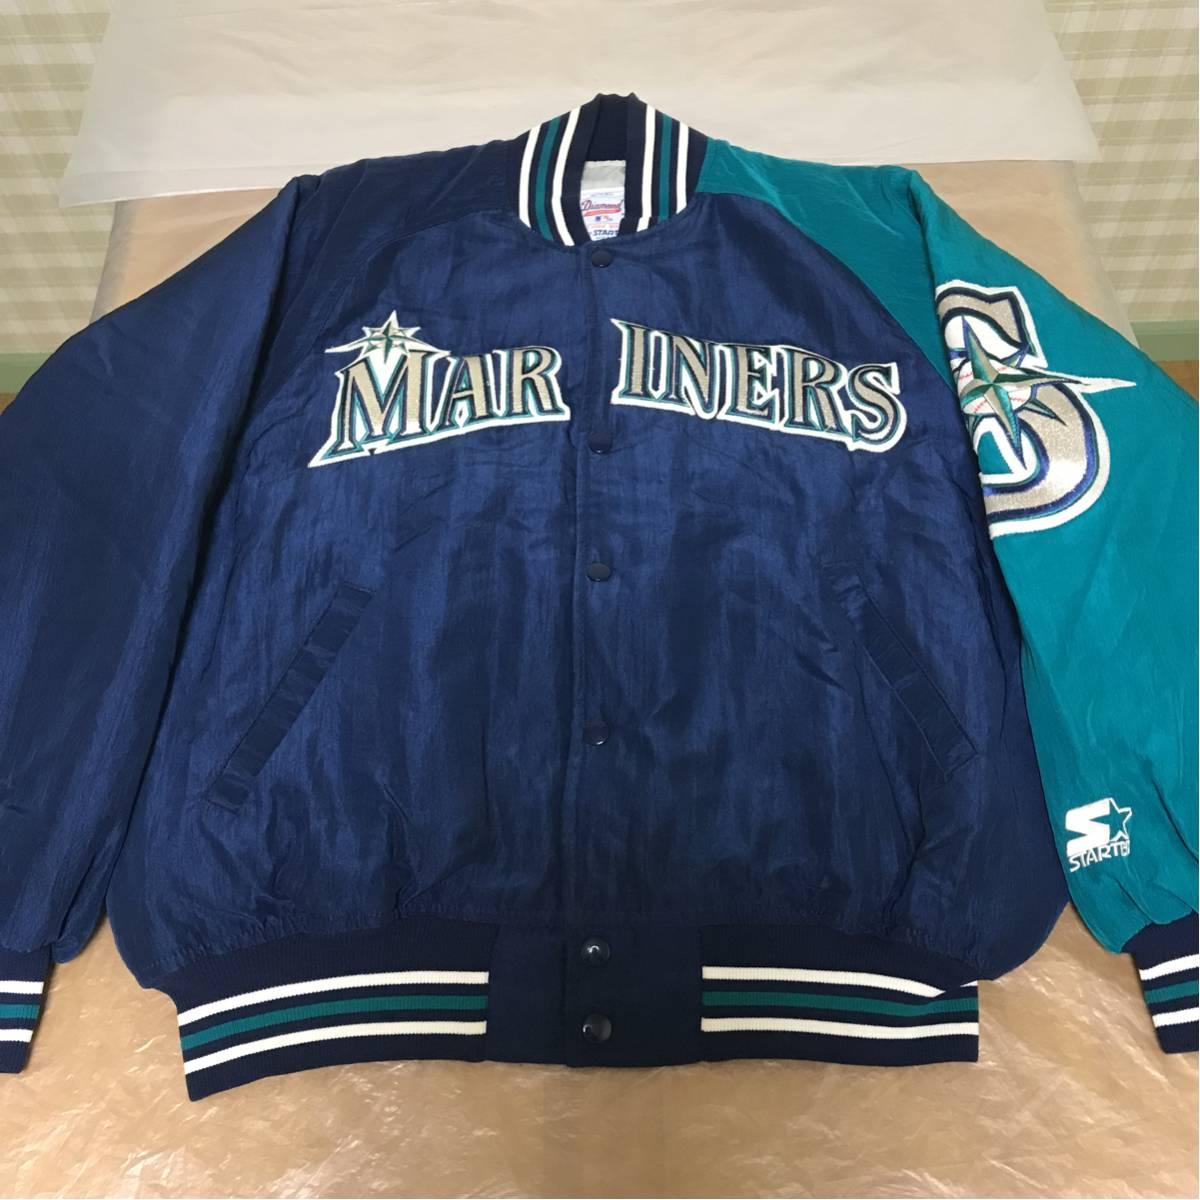 STARTER スターター MLB マリナーズ 中綿 ナイロン スタジャン Mサイズ アメリカ製 USA製 状態良好 グッズの画像